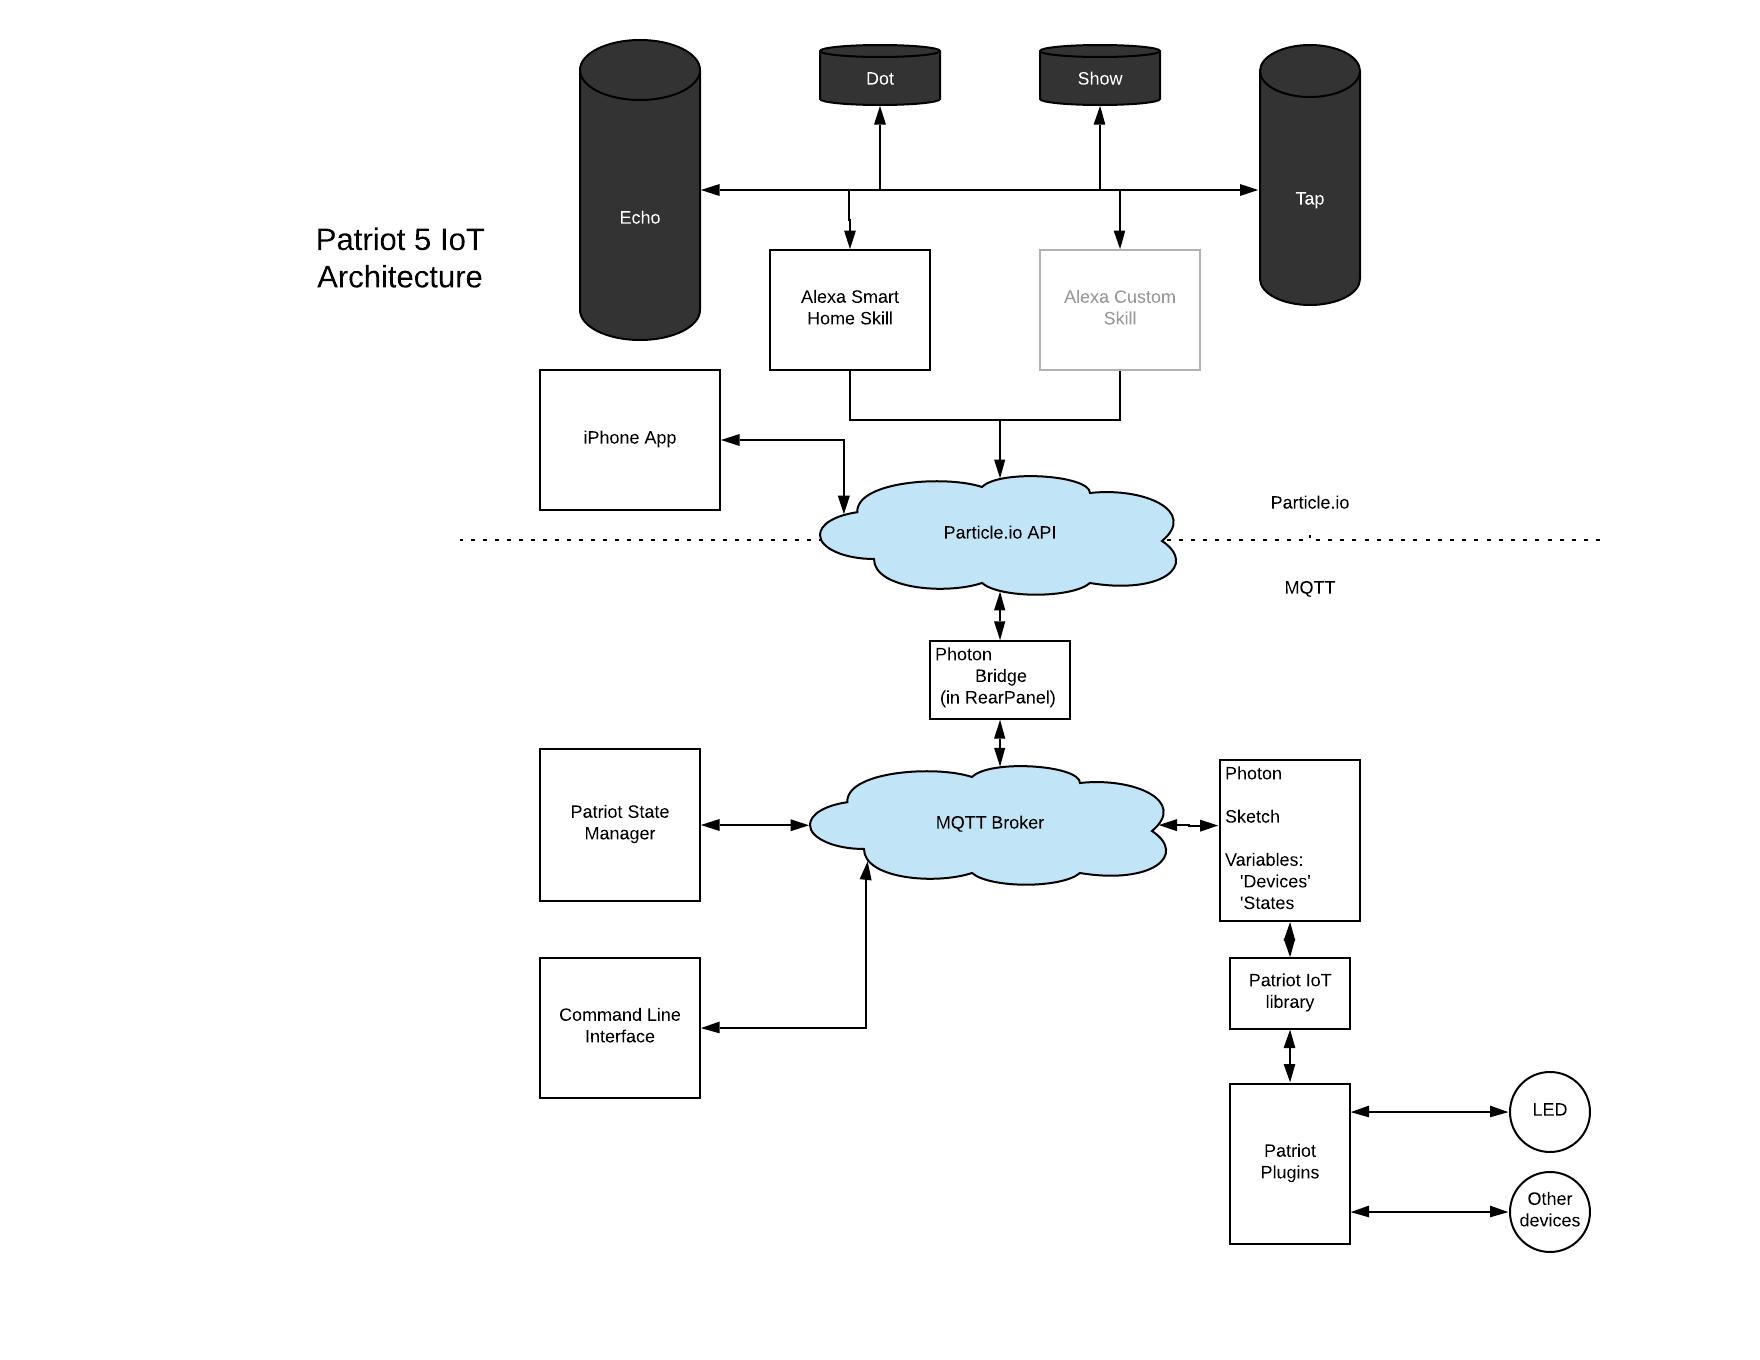 Patriot IoT Diagram